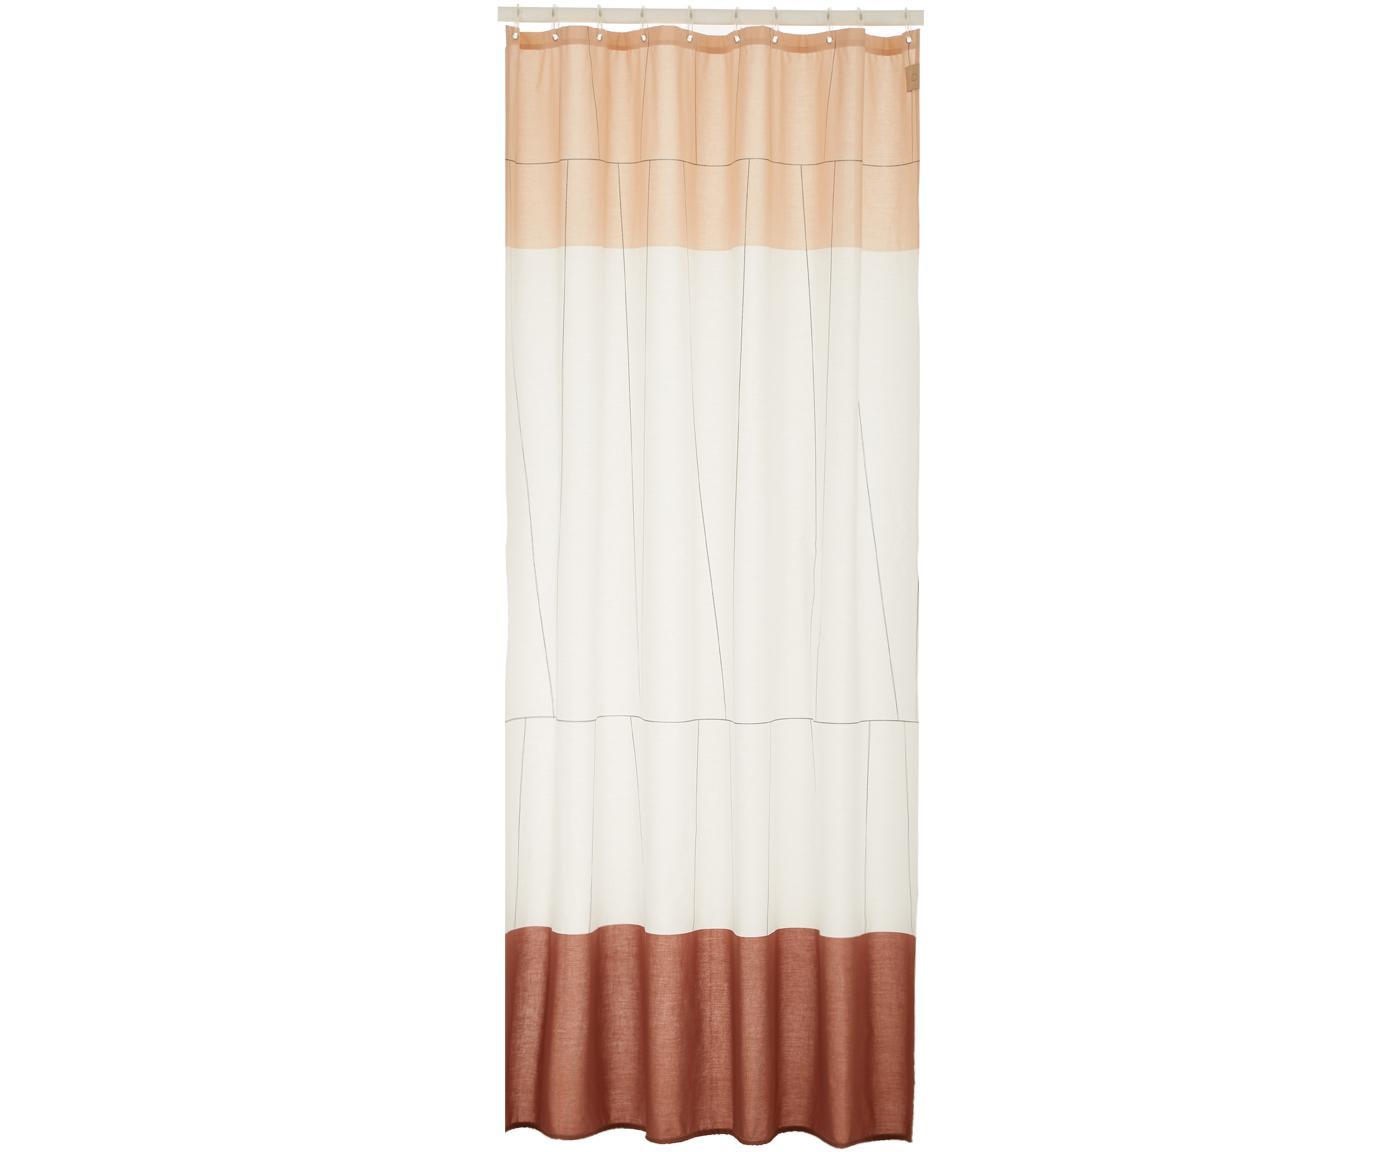 Wąska zasłona prysznicowa z mieszanki bawełny Verdi, Czerwony, biały, S 150 x D 200 cm